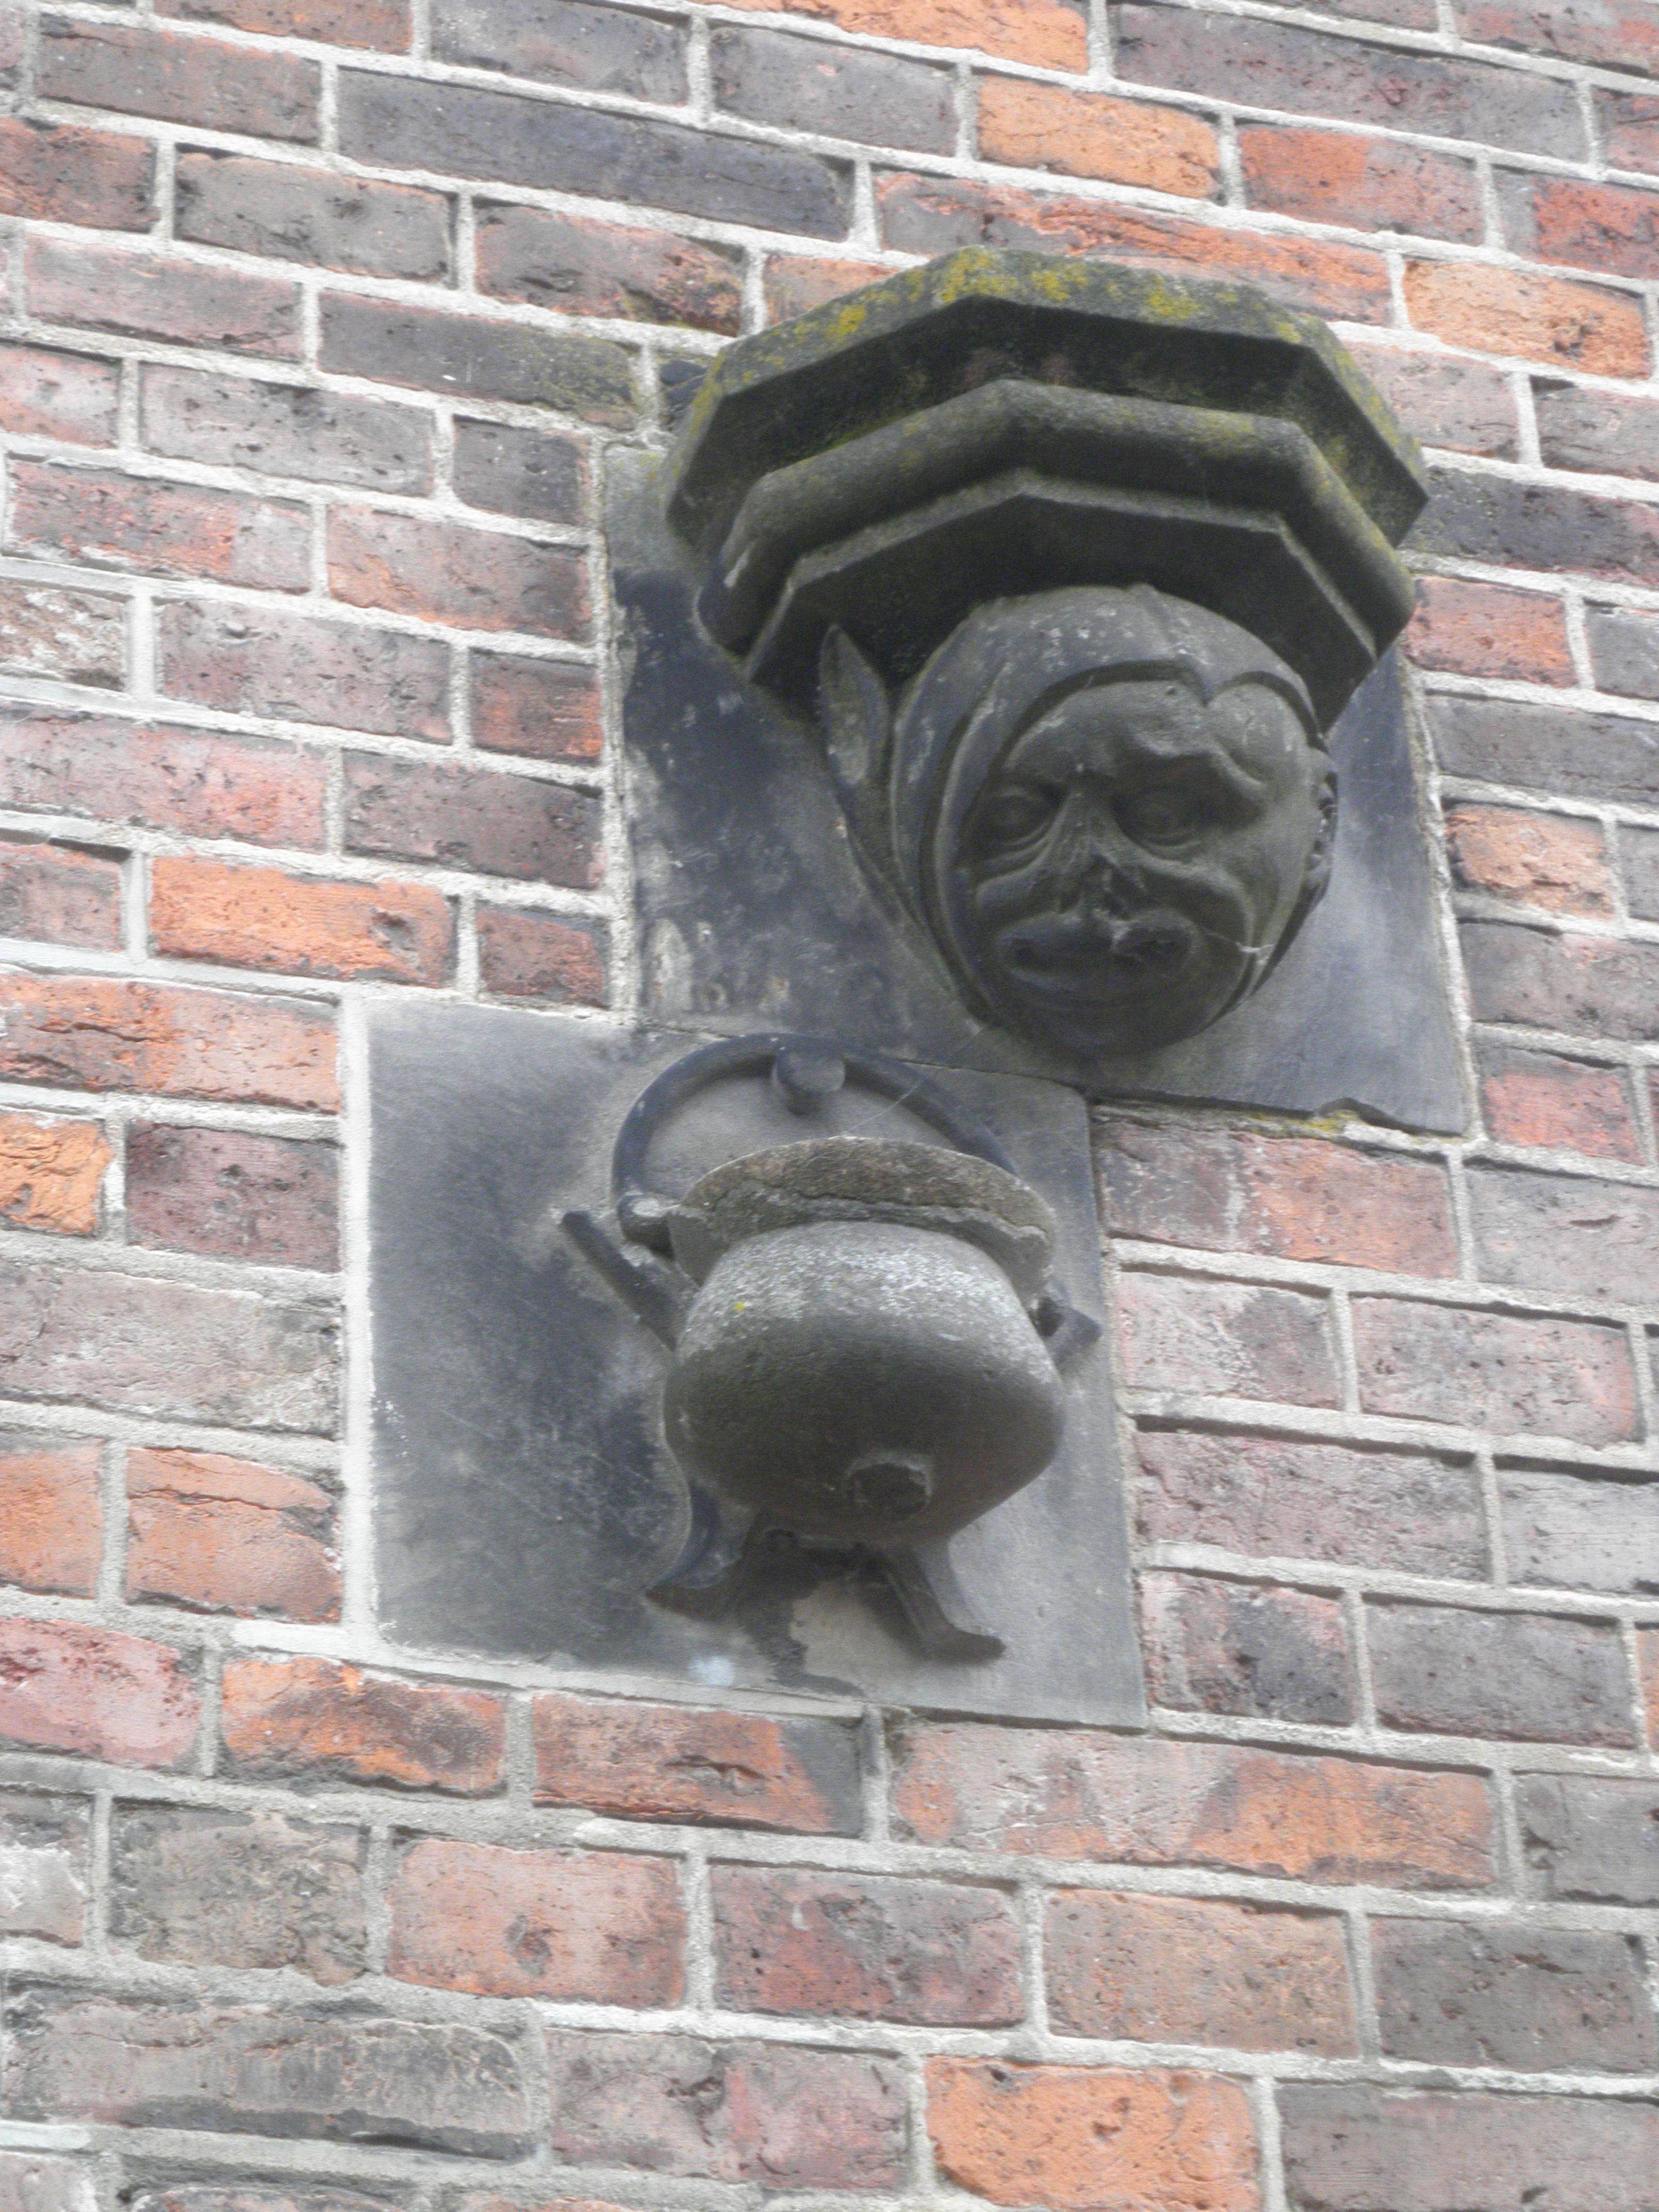 Kiek In De Pot.File Kiek In De Pot Waag Deventer 01 Jpg Wikimedia Commons